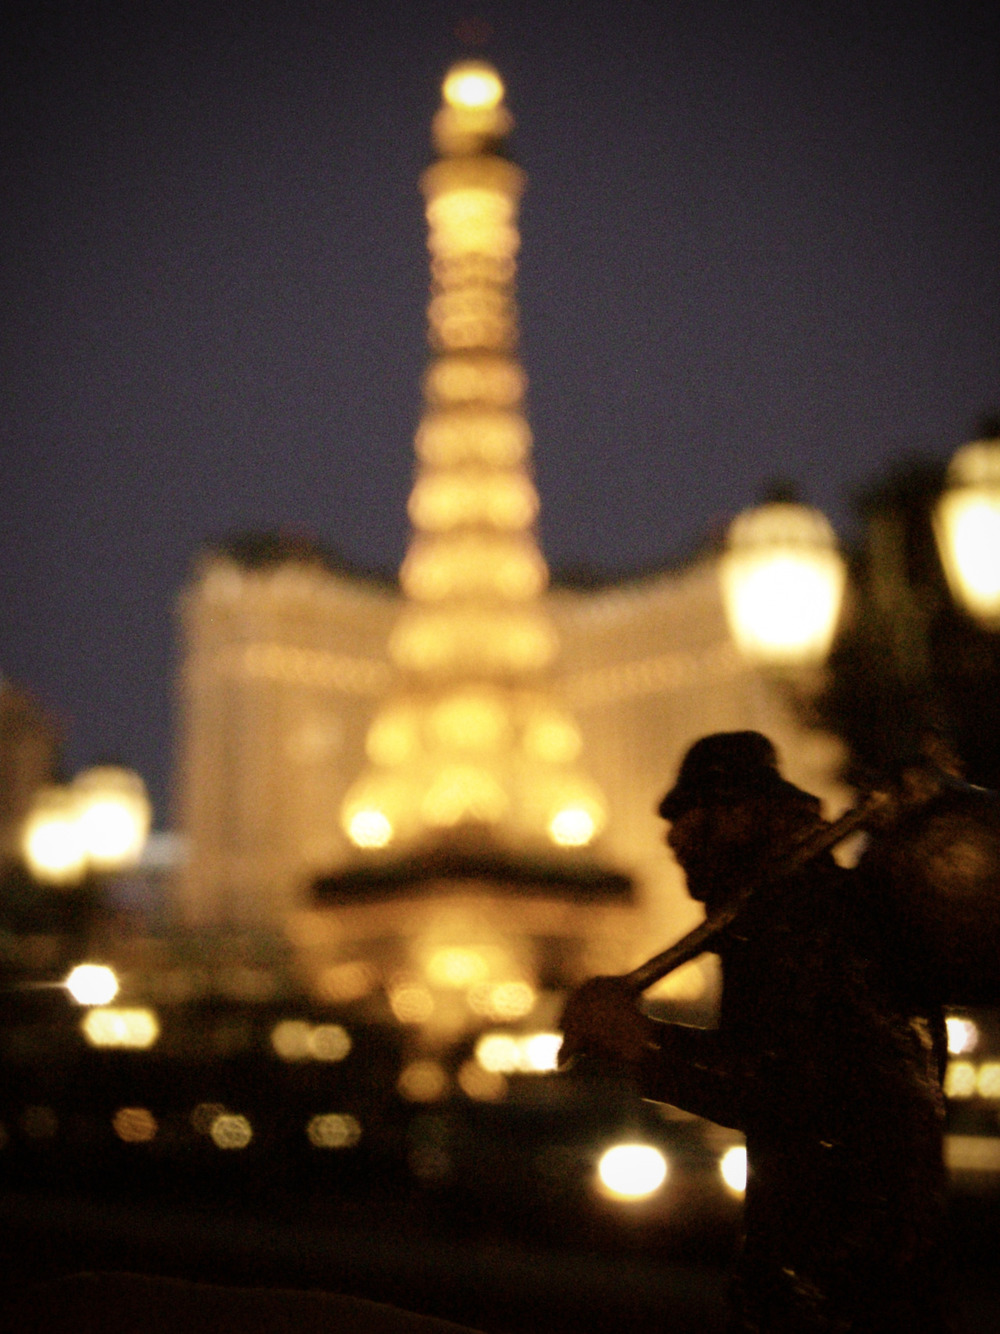 A modest Eiffel